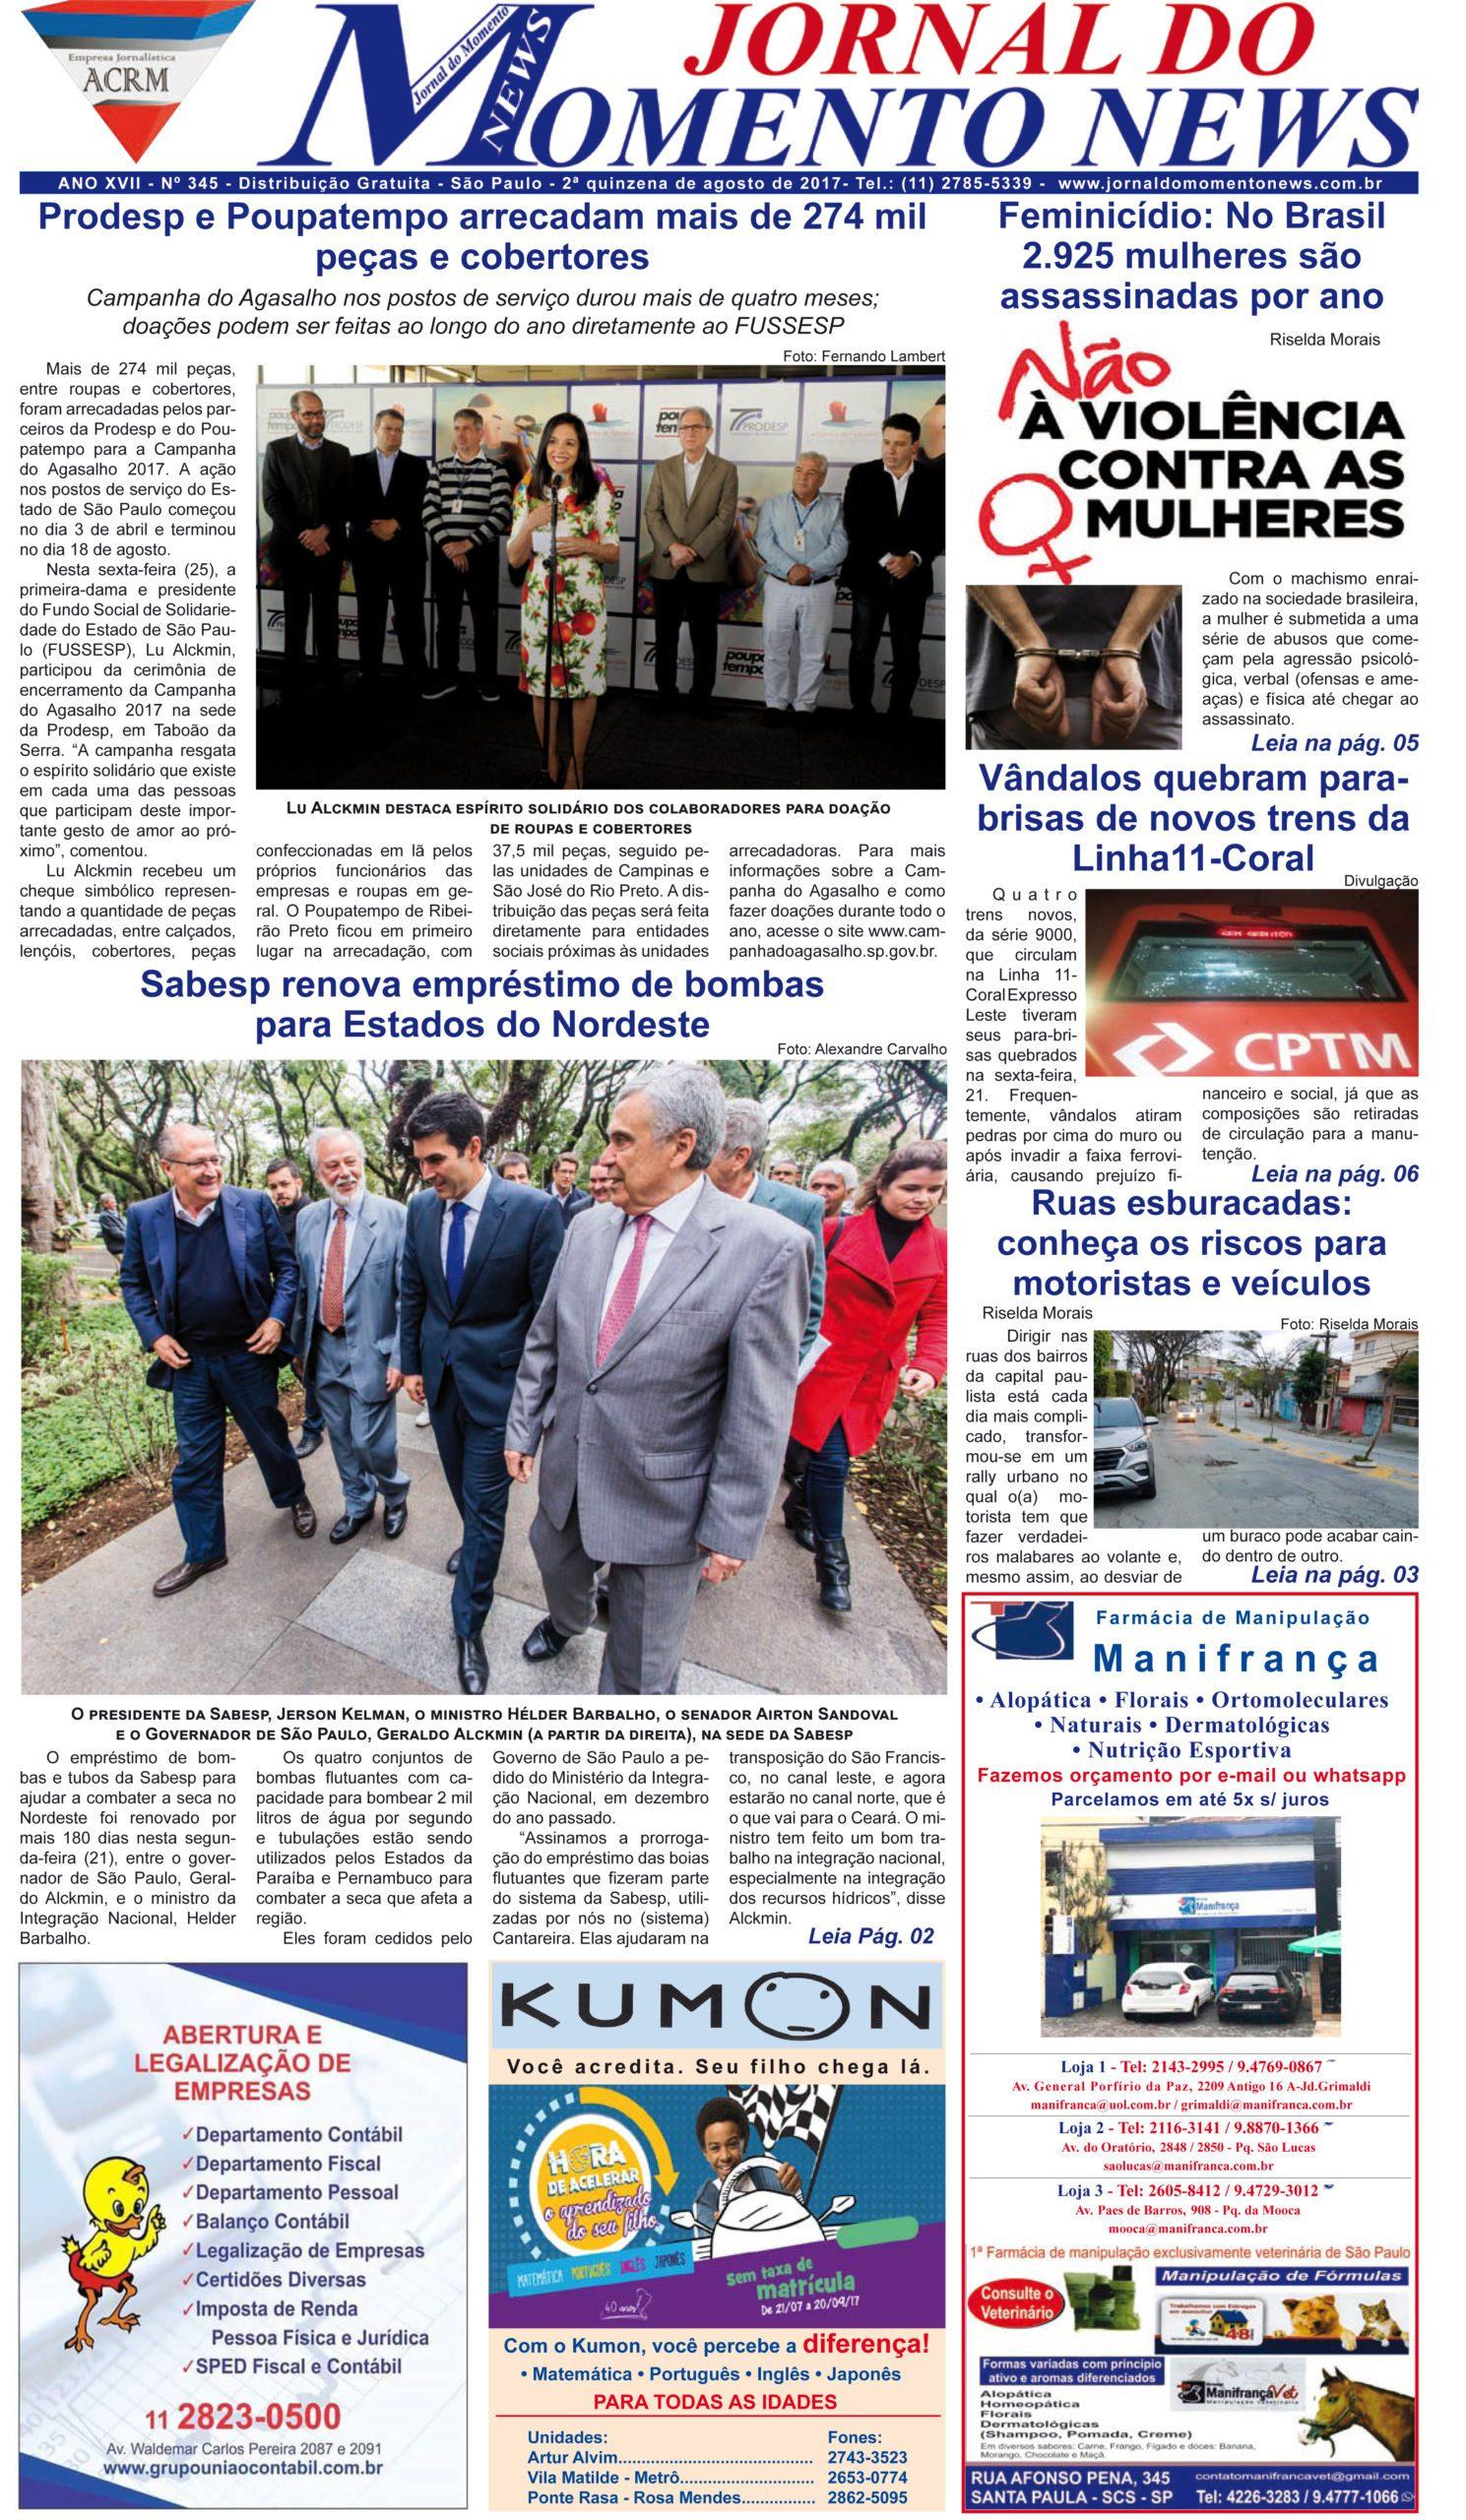 http://jornalpolopaulistano.com.br/wp-content/uploads/2017/09/capa_Jornal-do-Momento-News-345.jpg